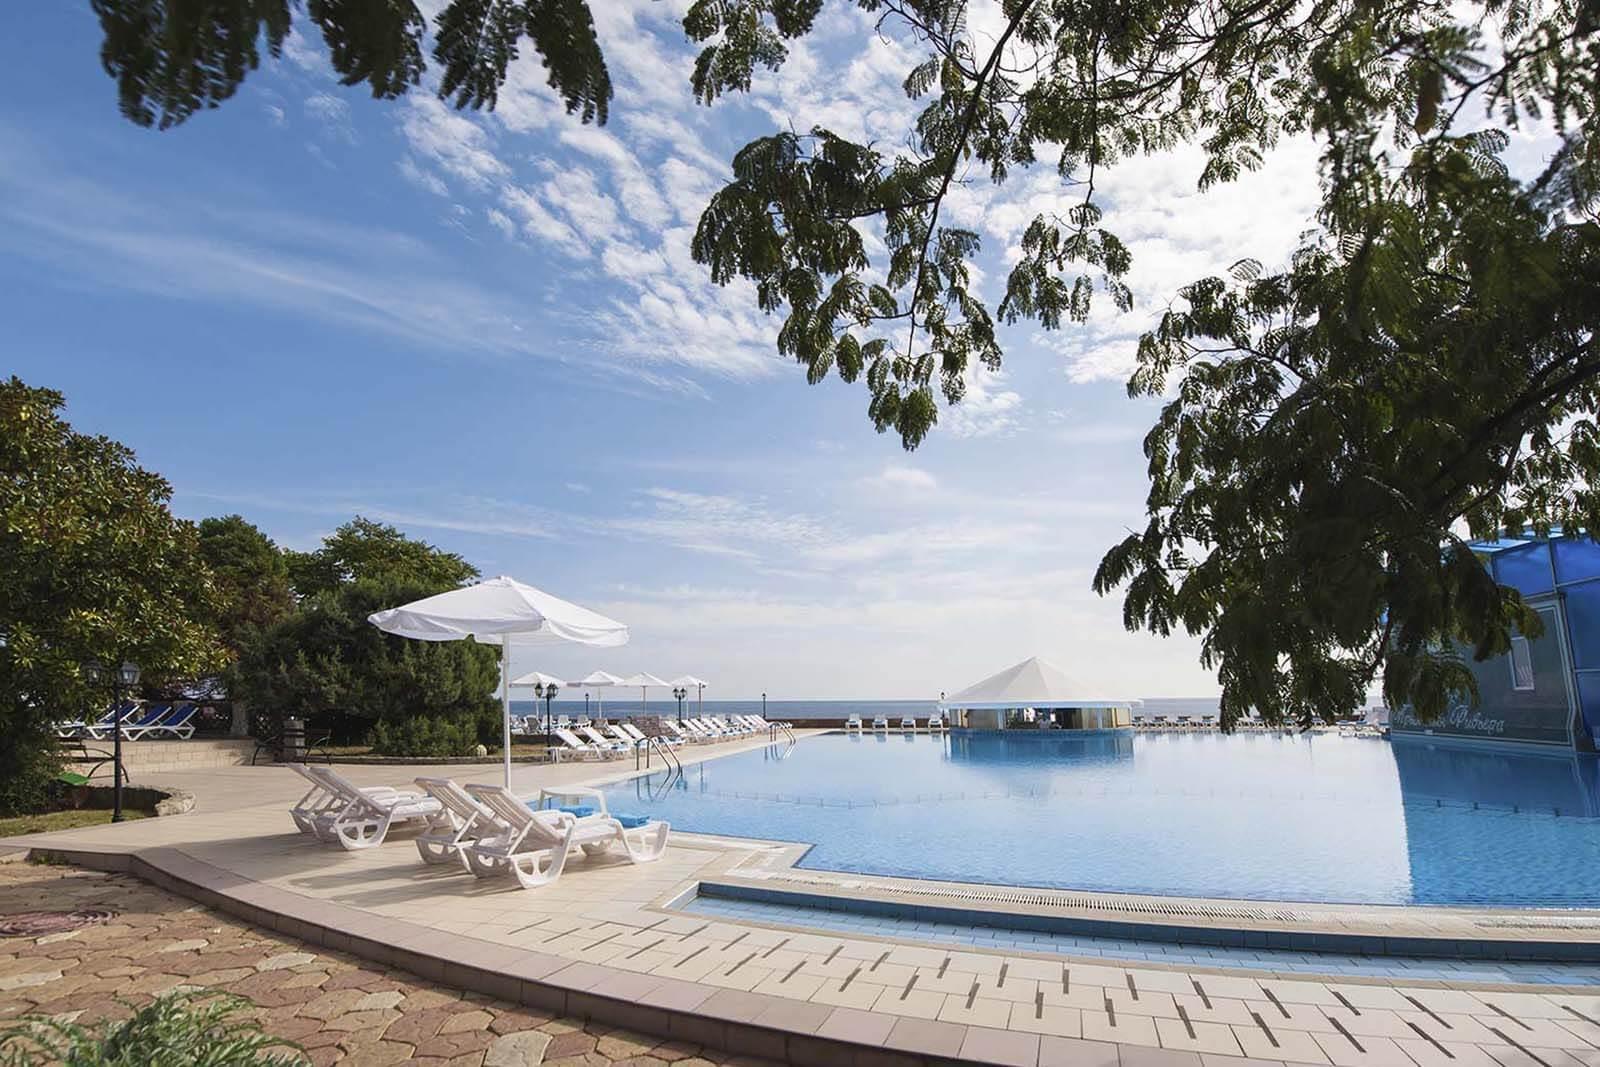 Cамые популярные отели «все включено» на Черном море